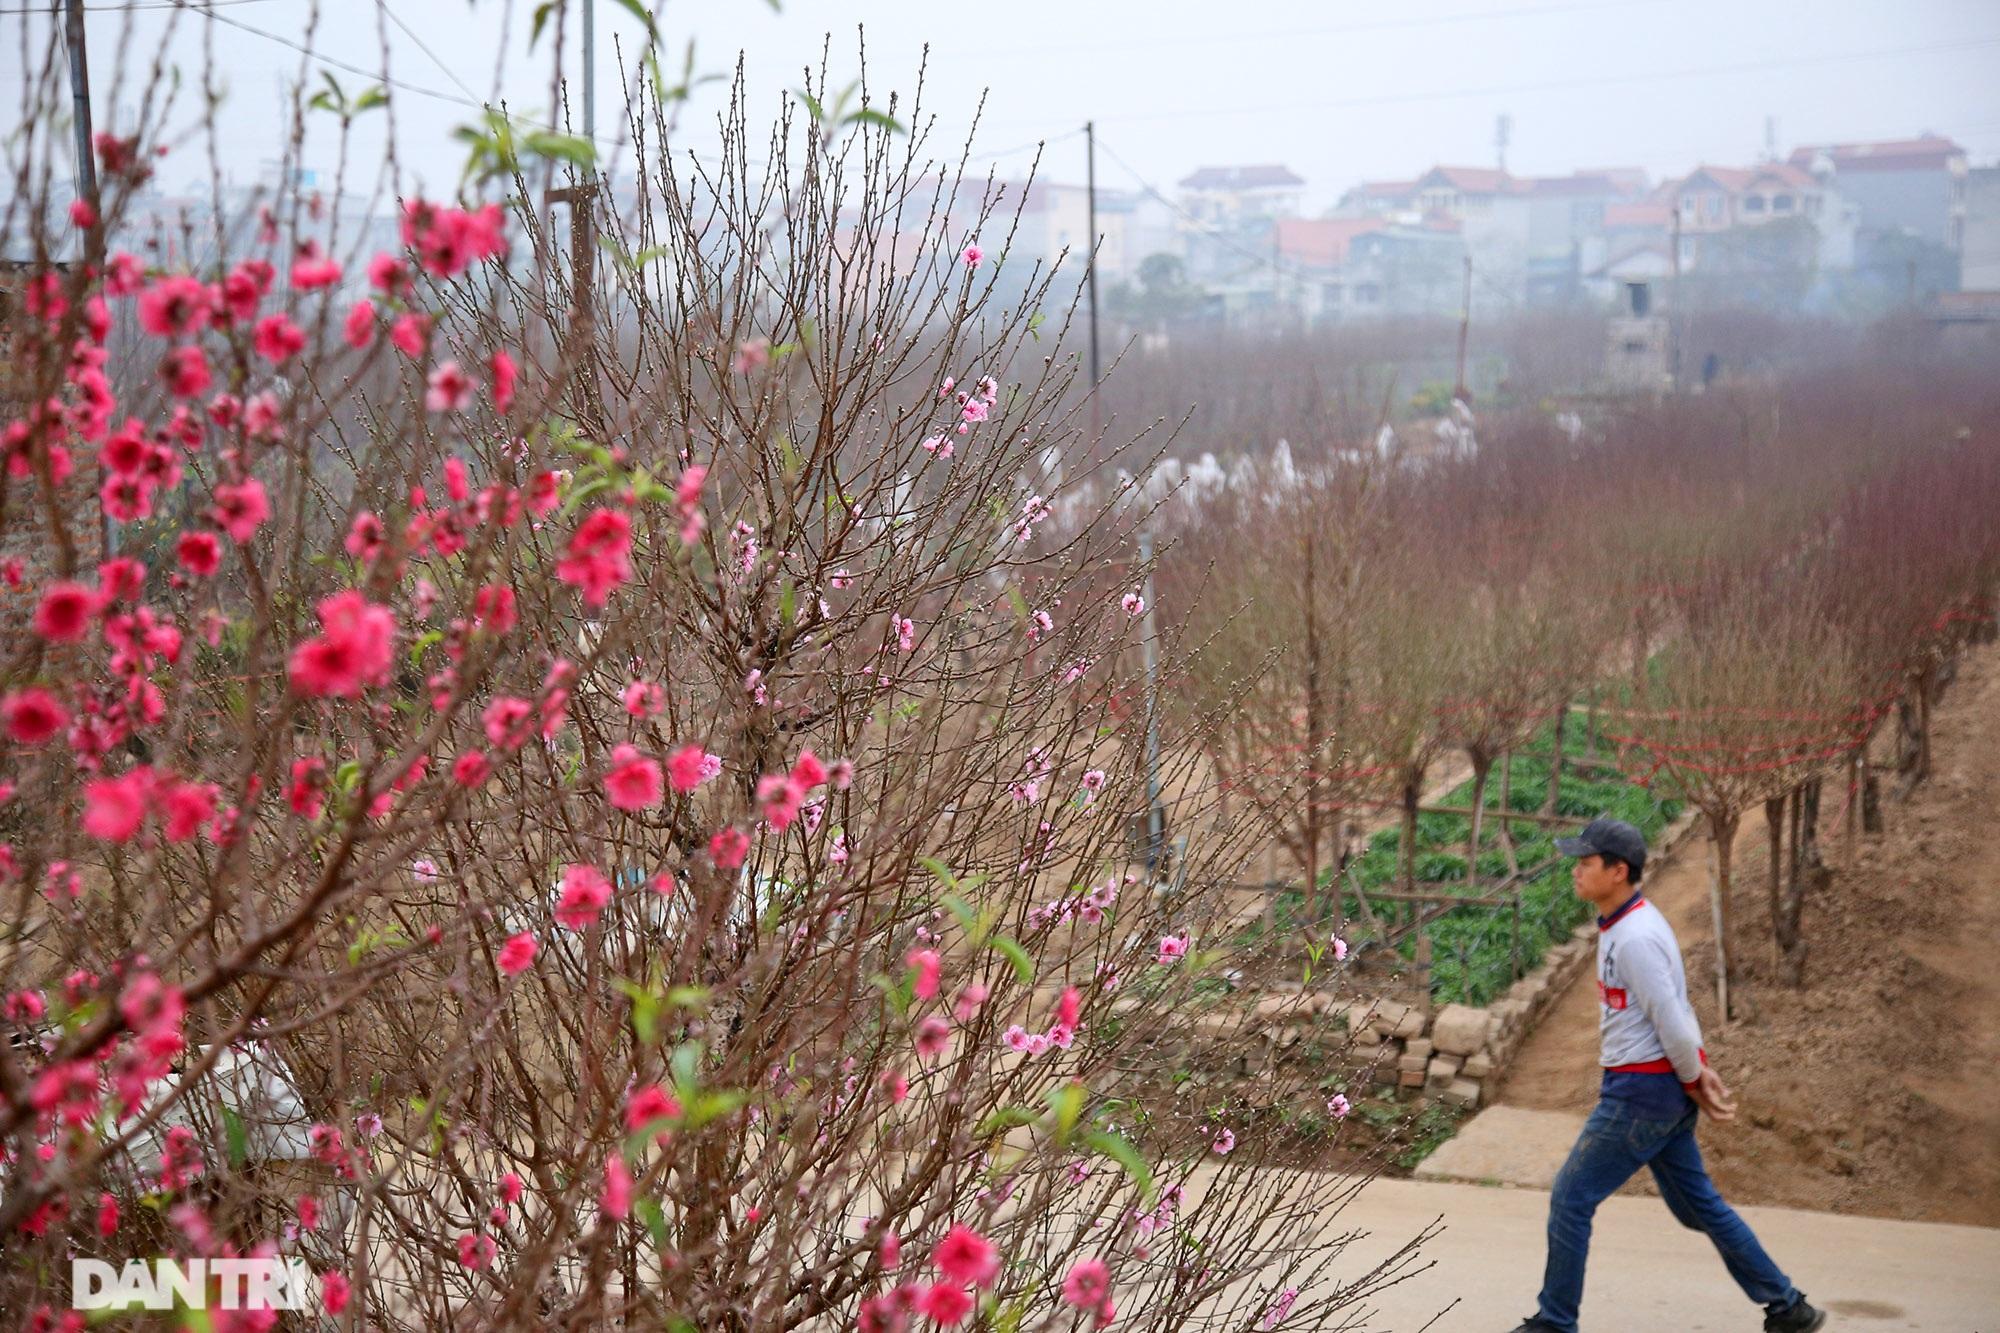 Hoa đào đỏ rực phủ kín cánh đồng Nhật Tân rộng bát ngát - 1